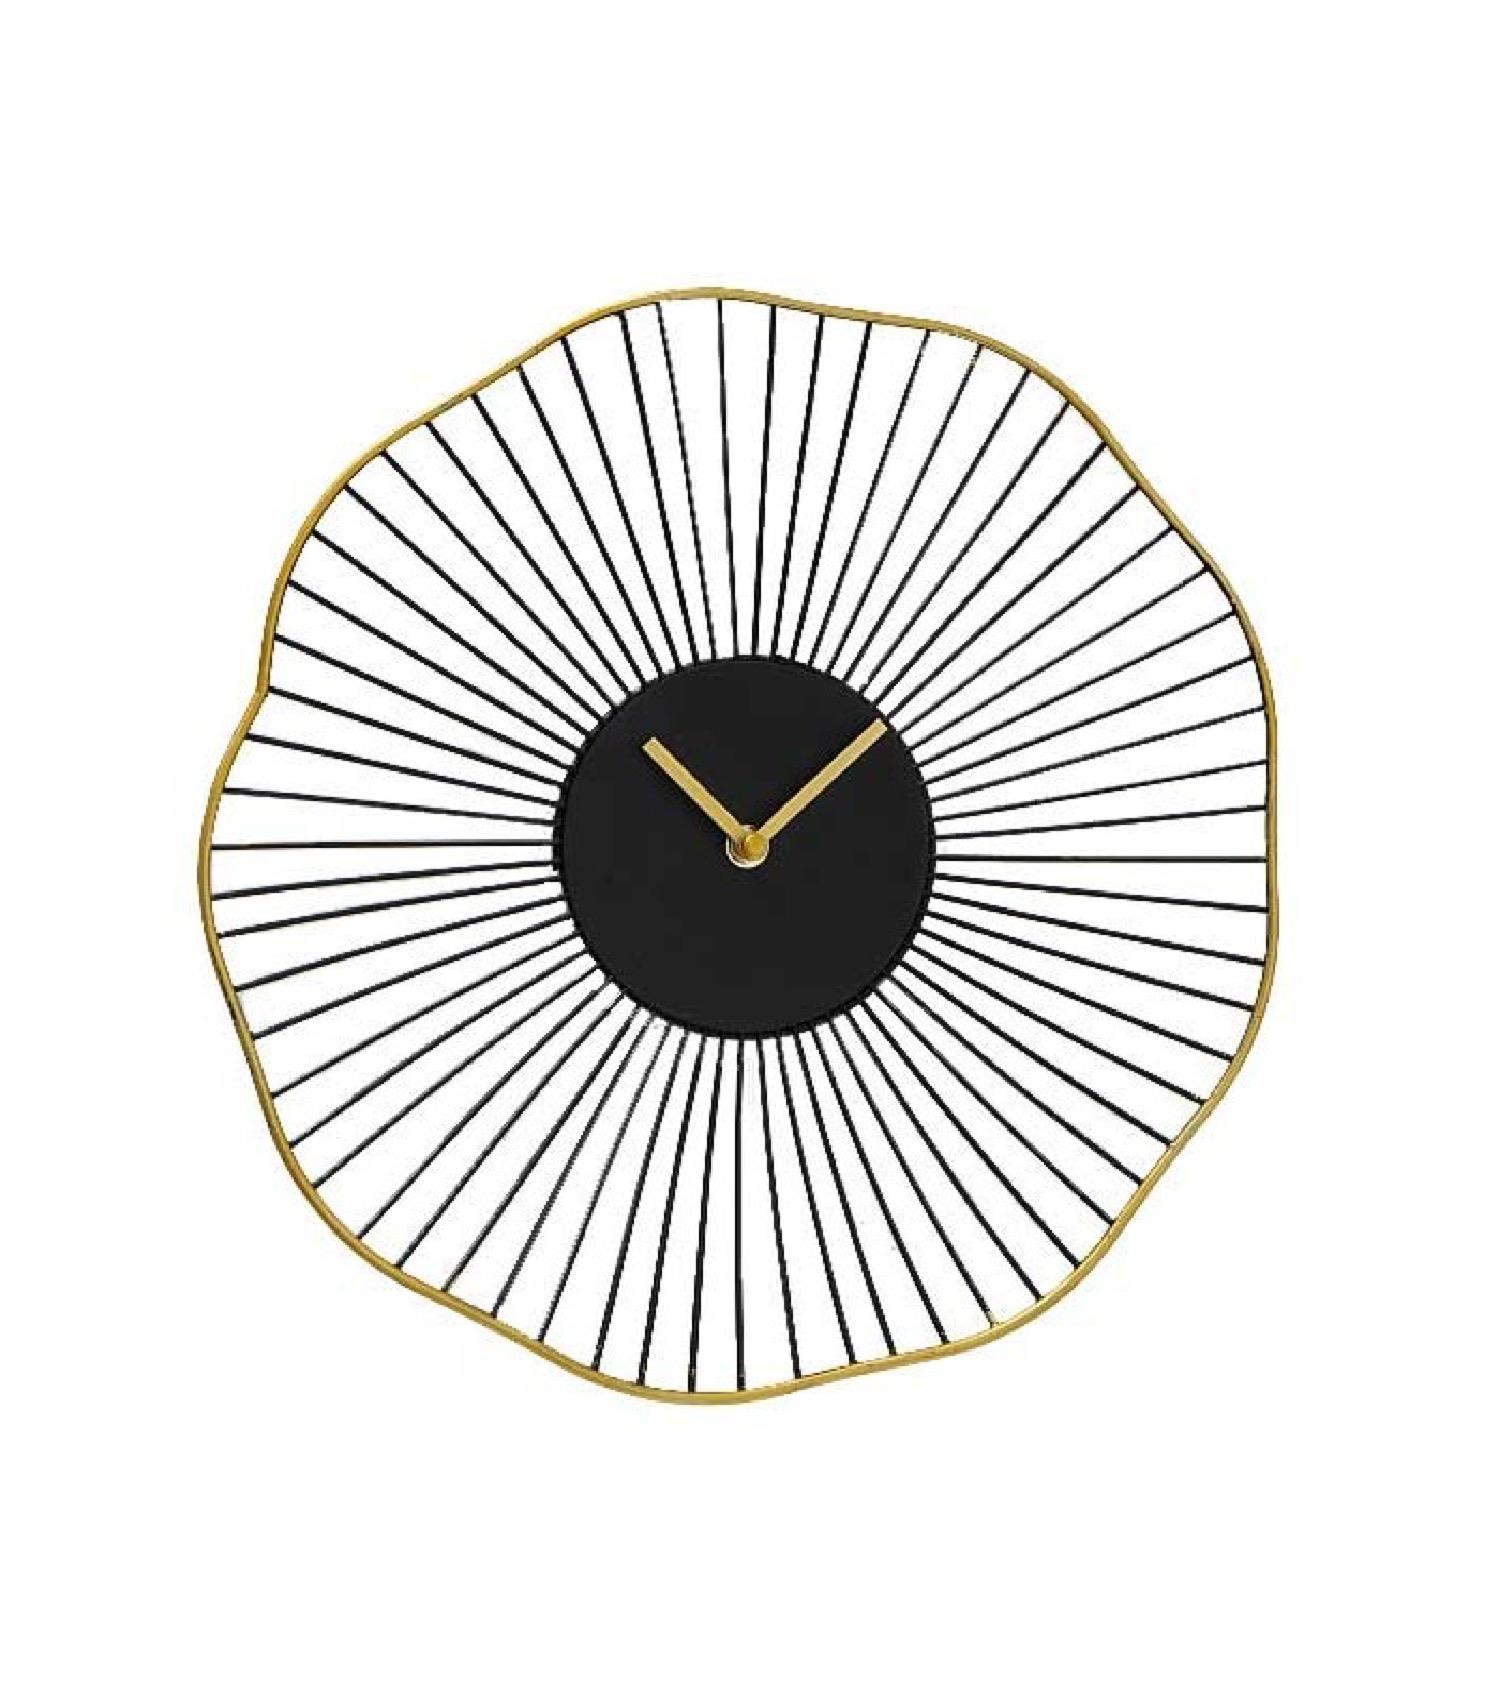 Horloge murale ronde noire et dorée D35